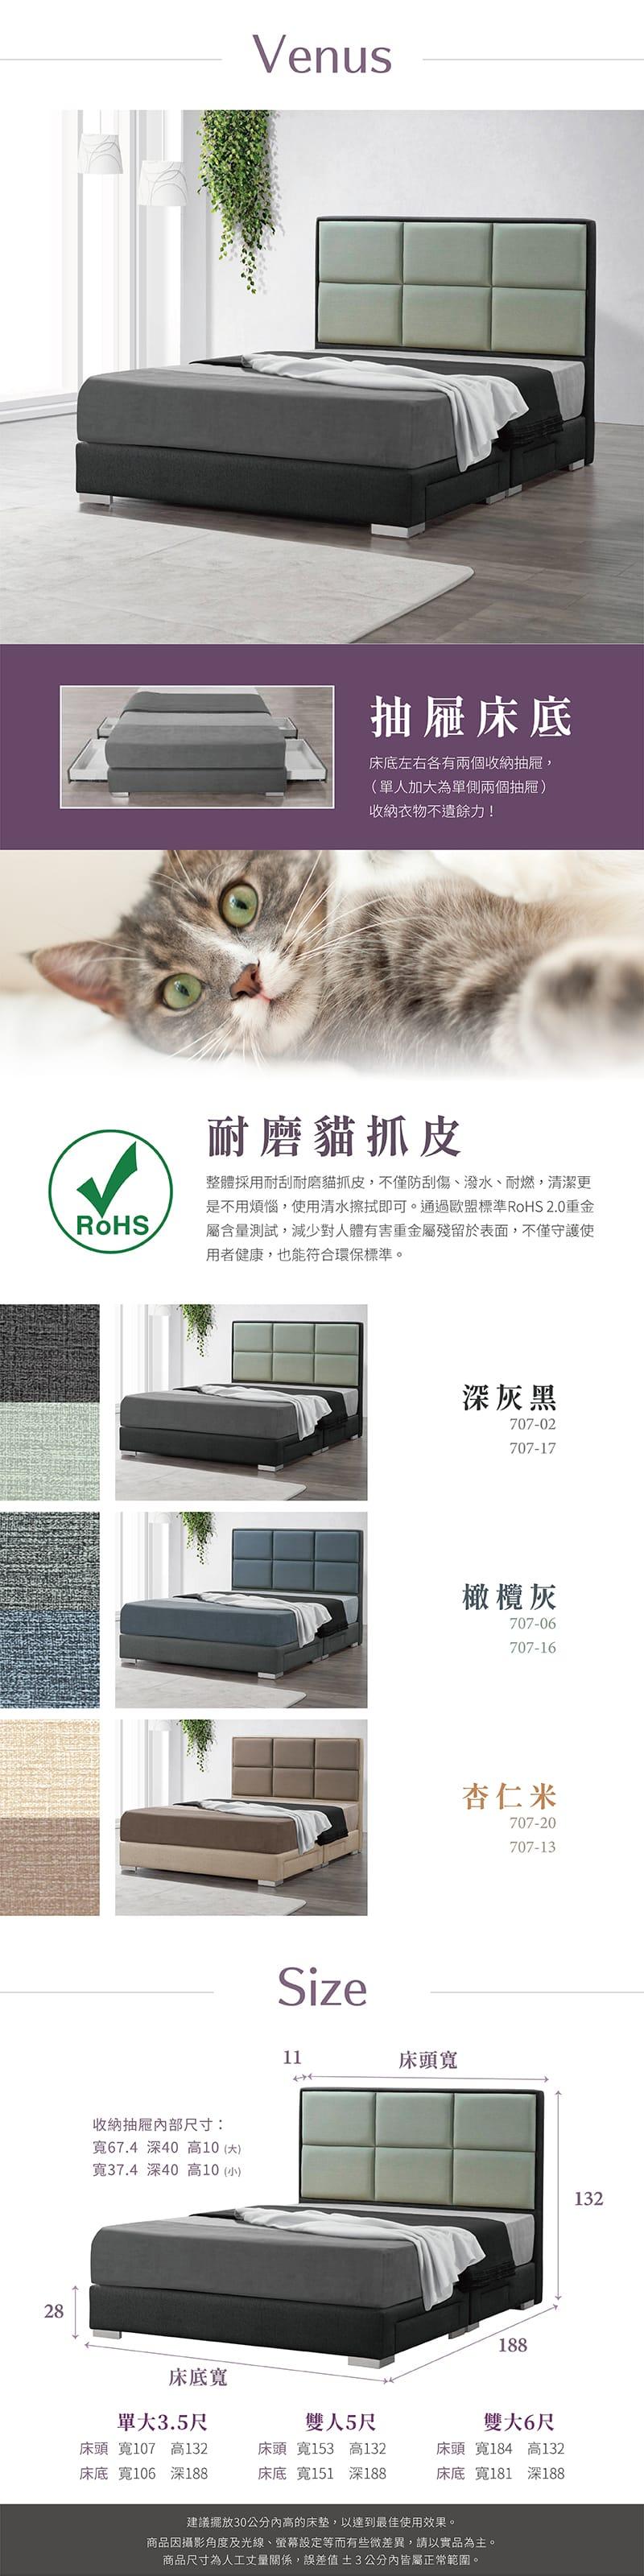 貓抓皮收納床組兩件 雙人加大6尺(床頭片+抽屜床底)【馬丁】